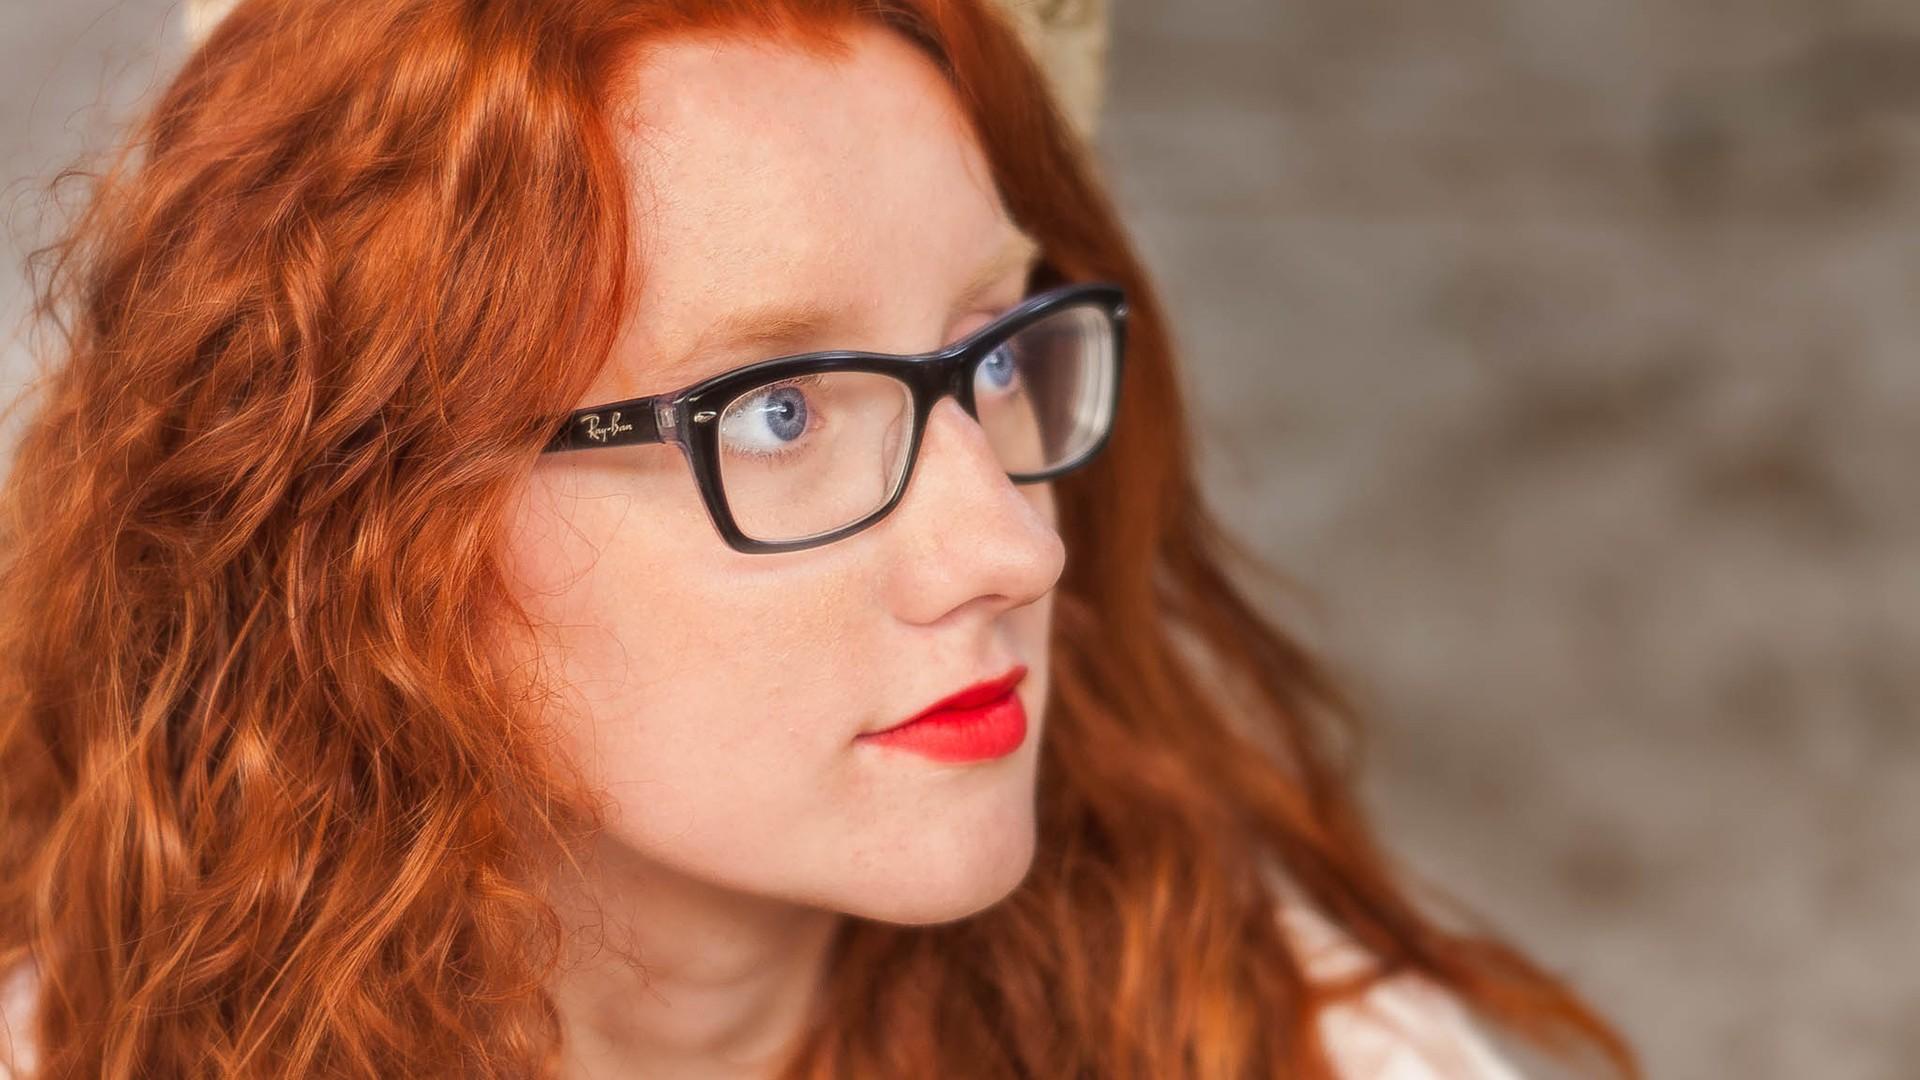 Рыжеволосая девушка в очках делает отсос — img 12